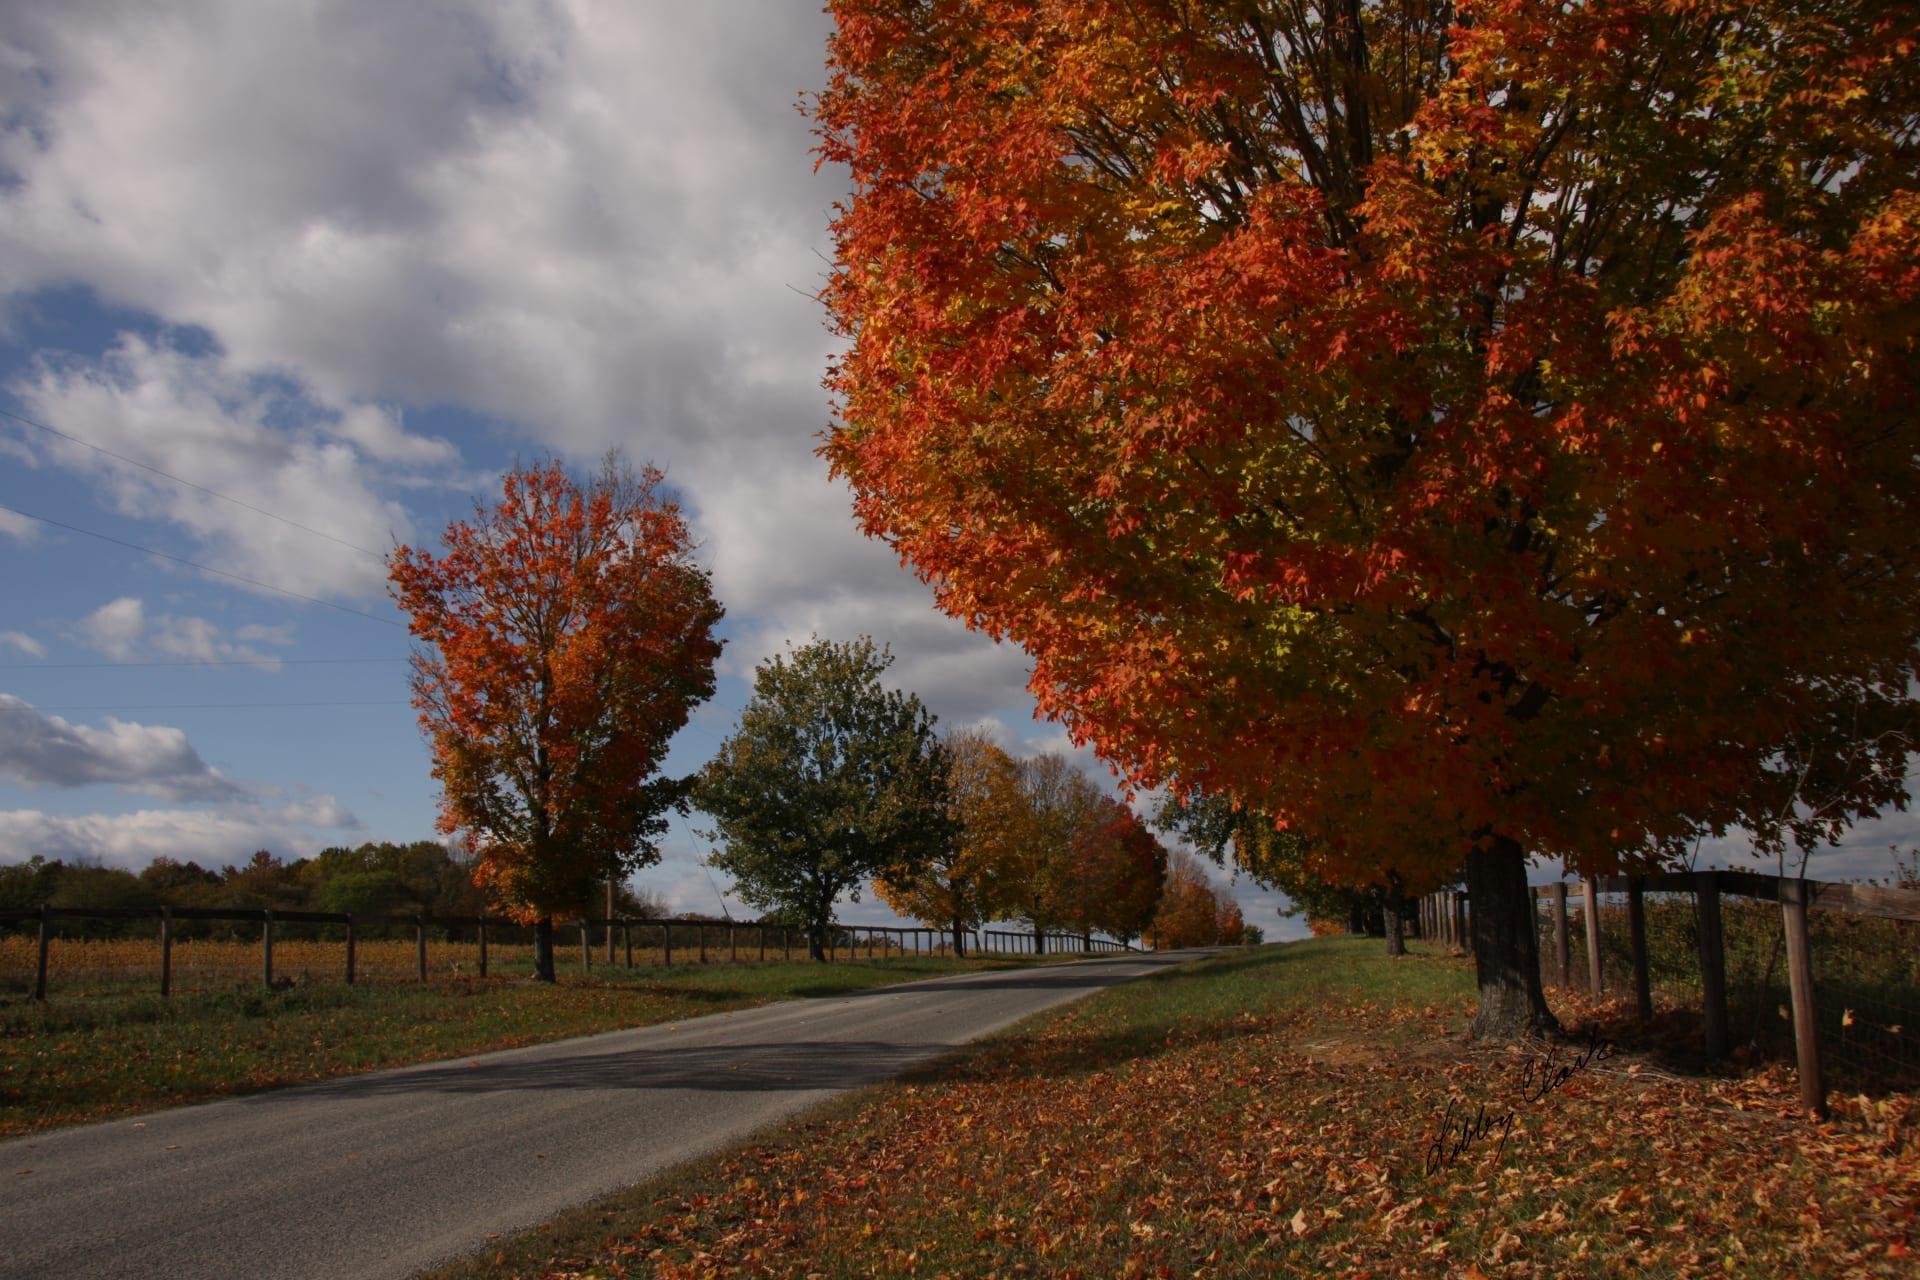 Fall-in-Goochland-(2)-w1920.jpg